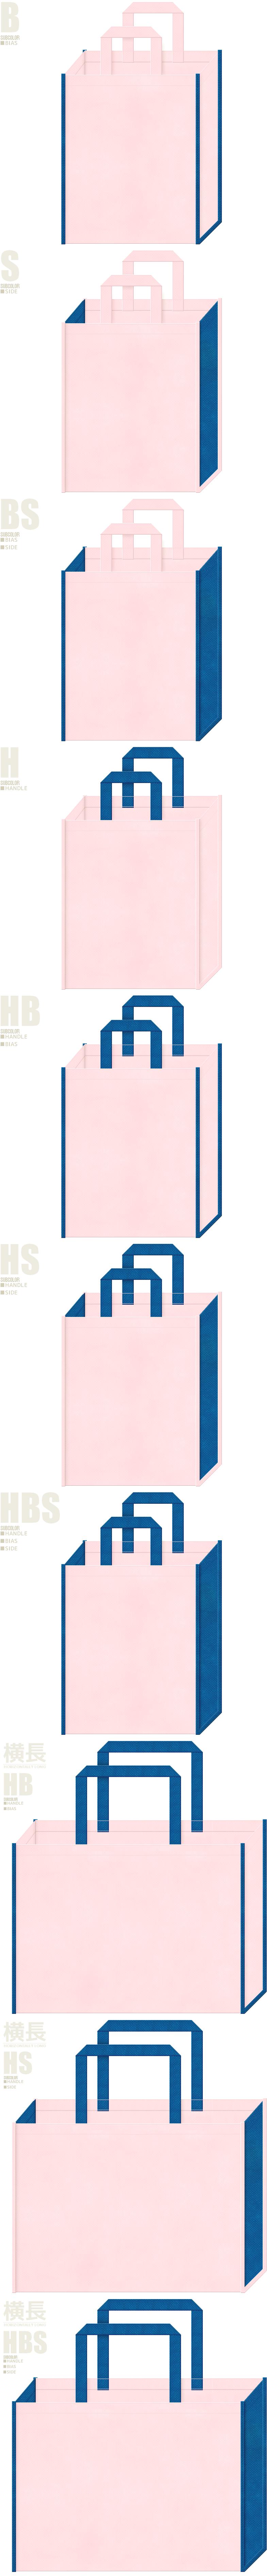 桜色と青色、7パターンの不織布トートバッグ配色デザイン例。